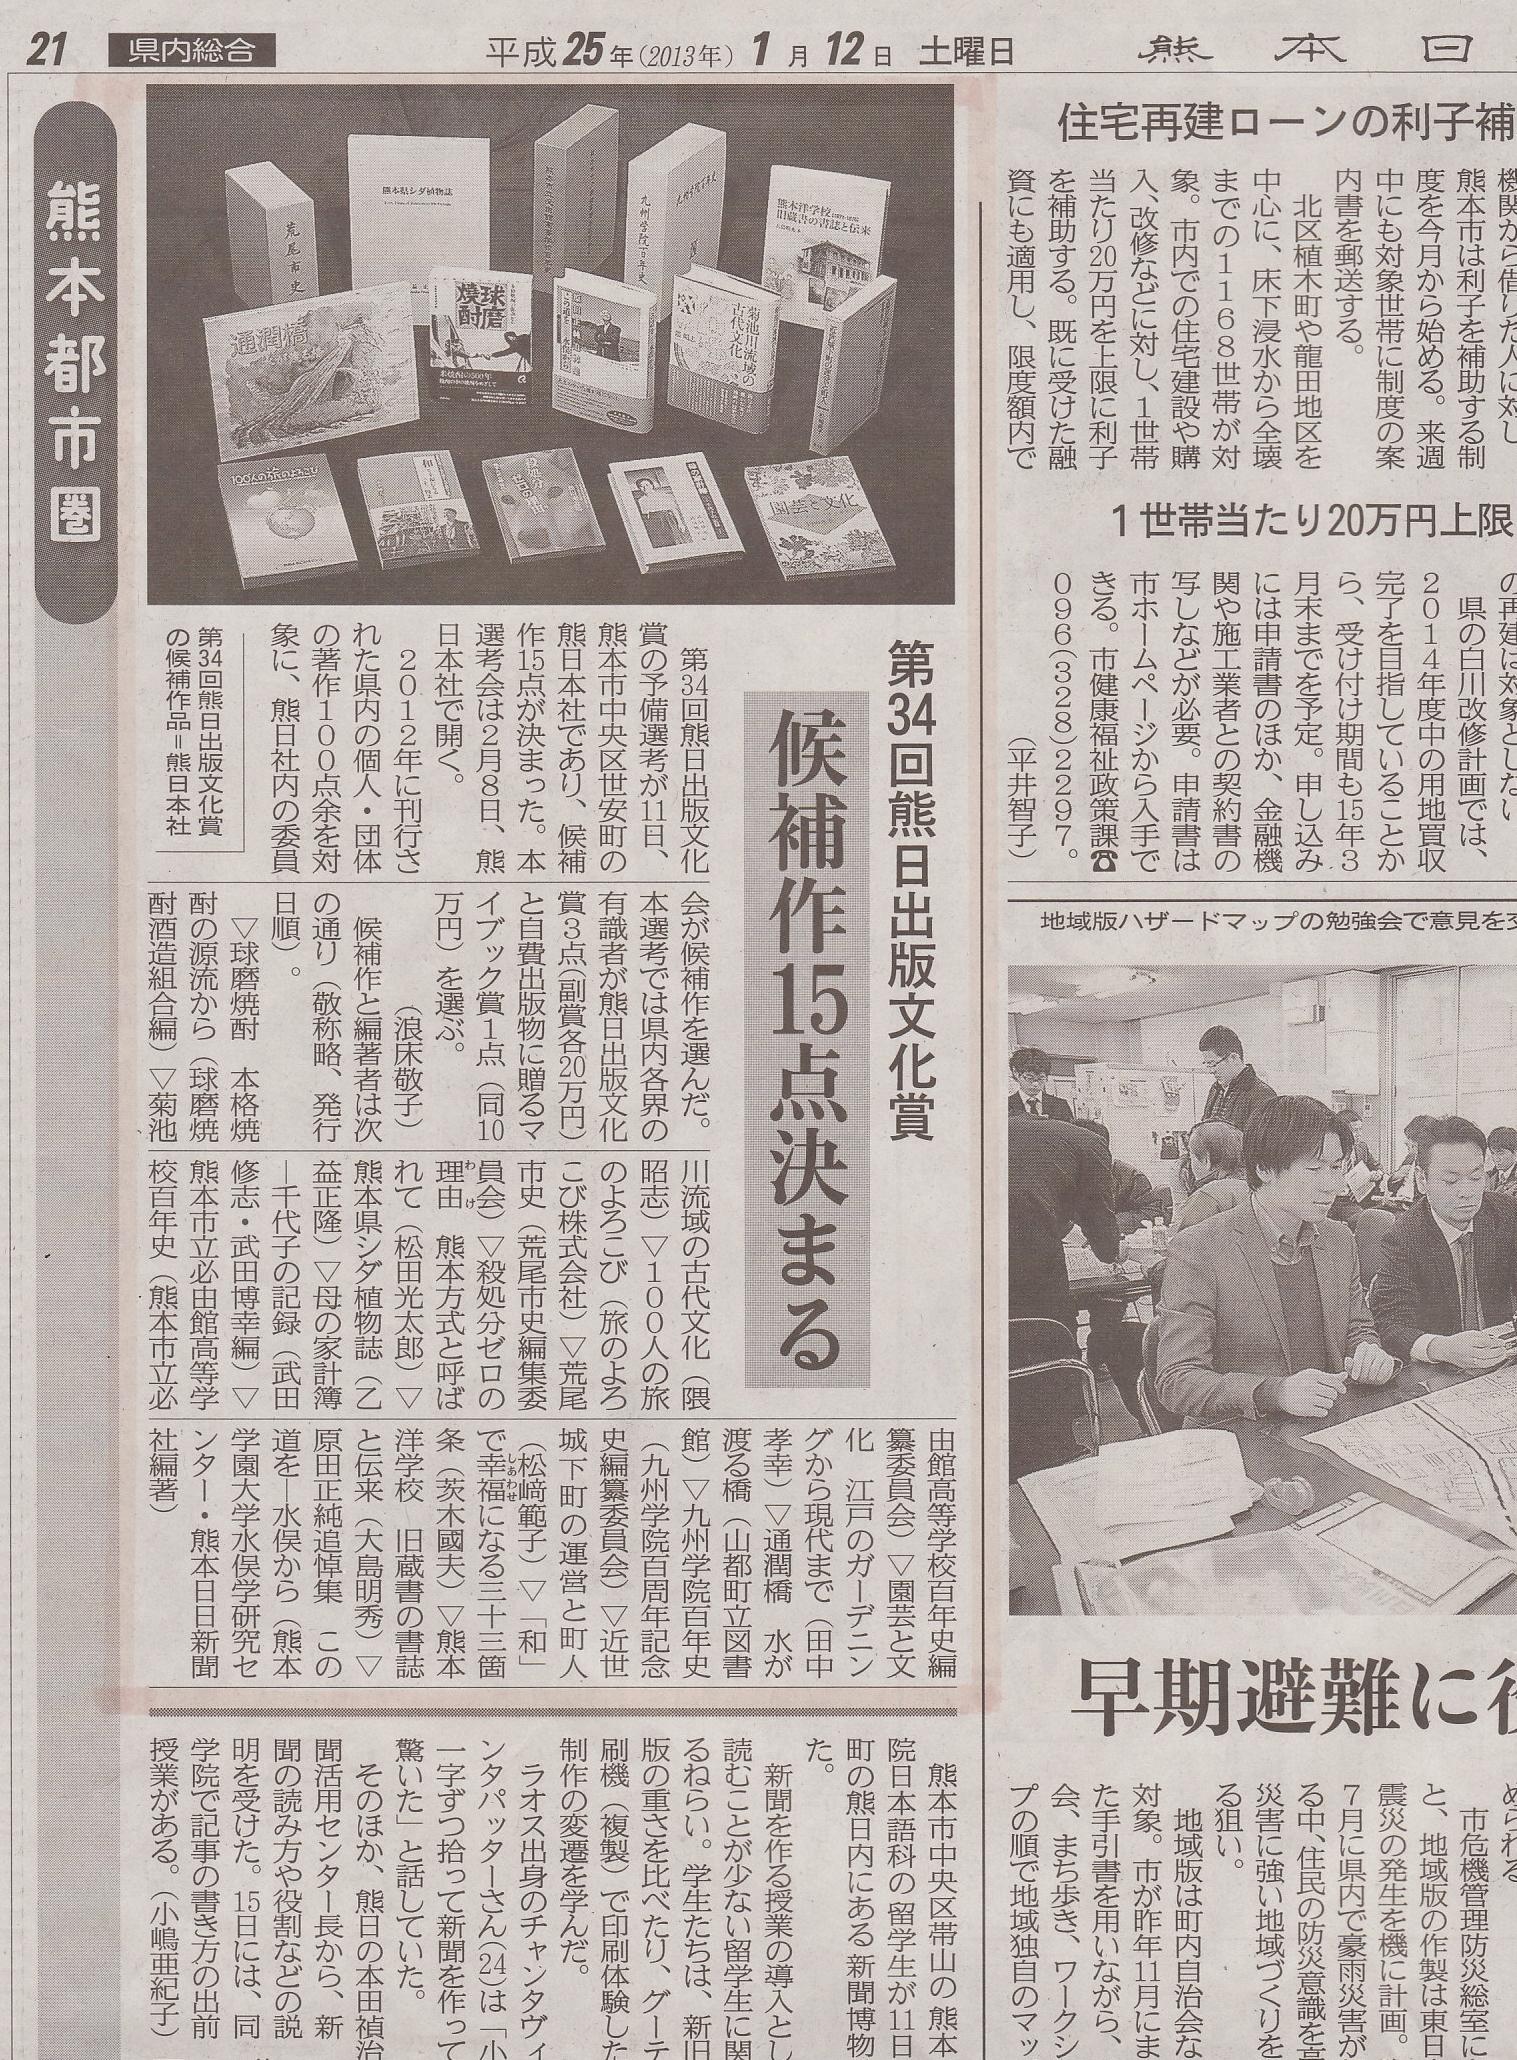 2013.0112 熊日出版文化賞候補